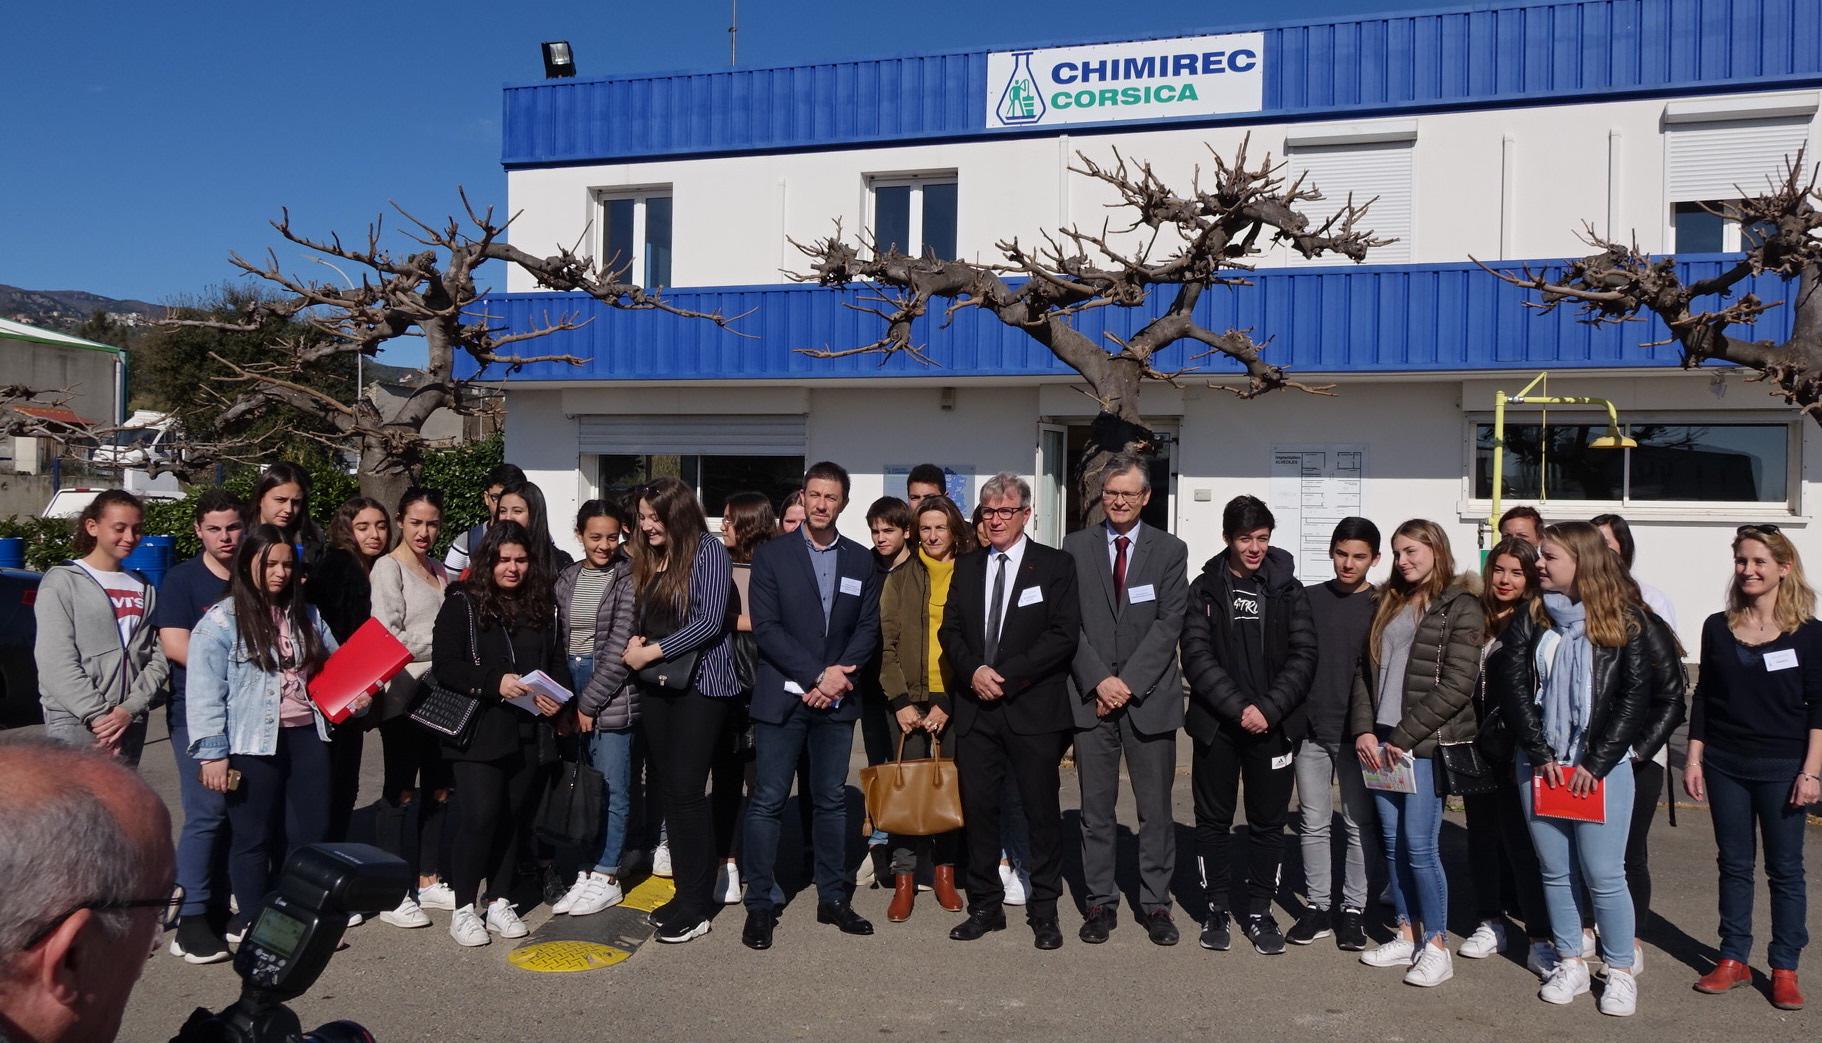 Folelli : Chimirec ouvre ses portes pour la semaine de l'Industrie